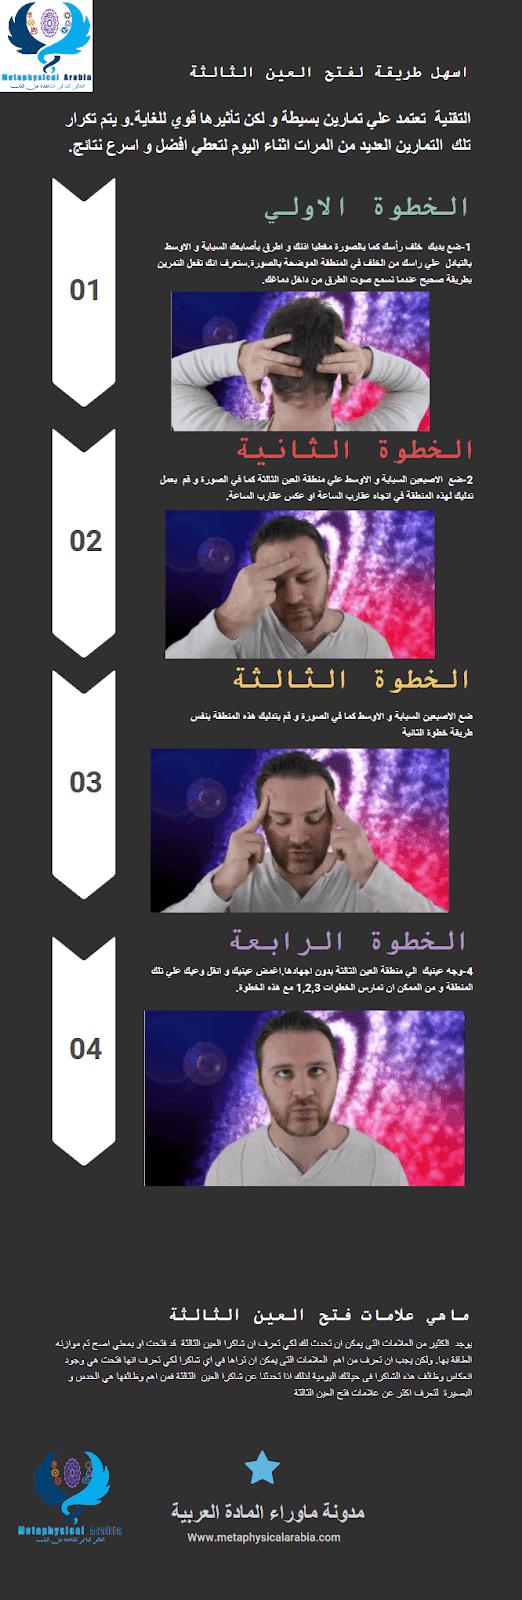 خطوات فتح شاكرا العين الثالثة